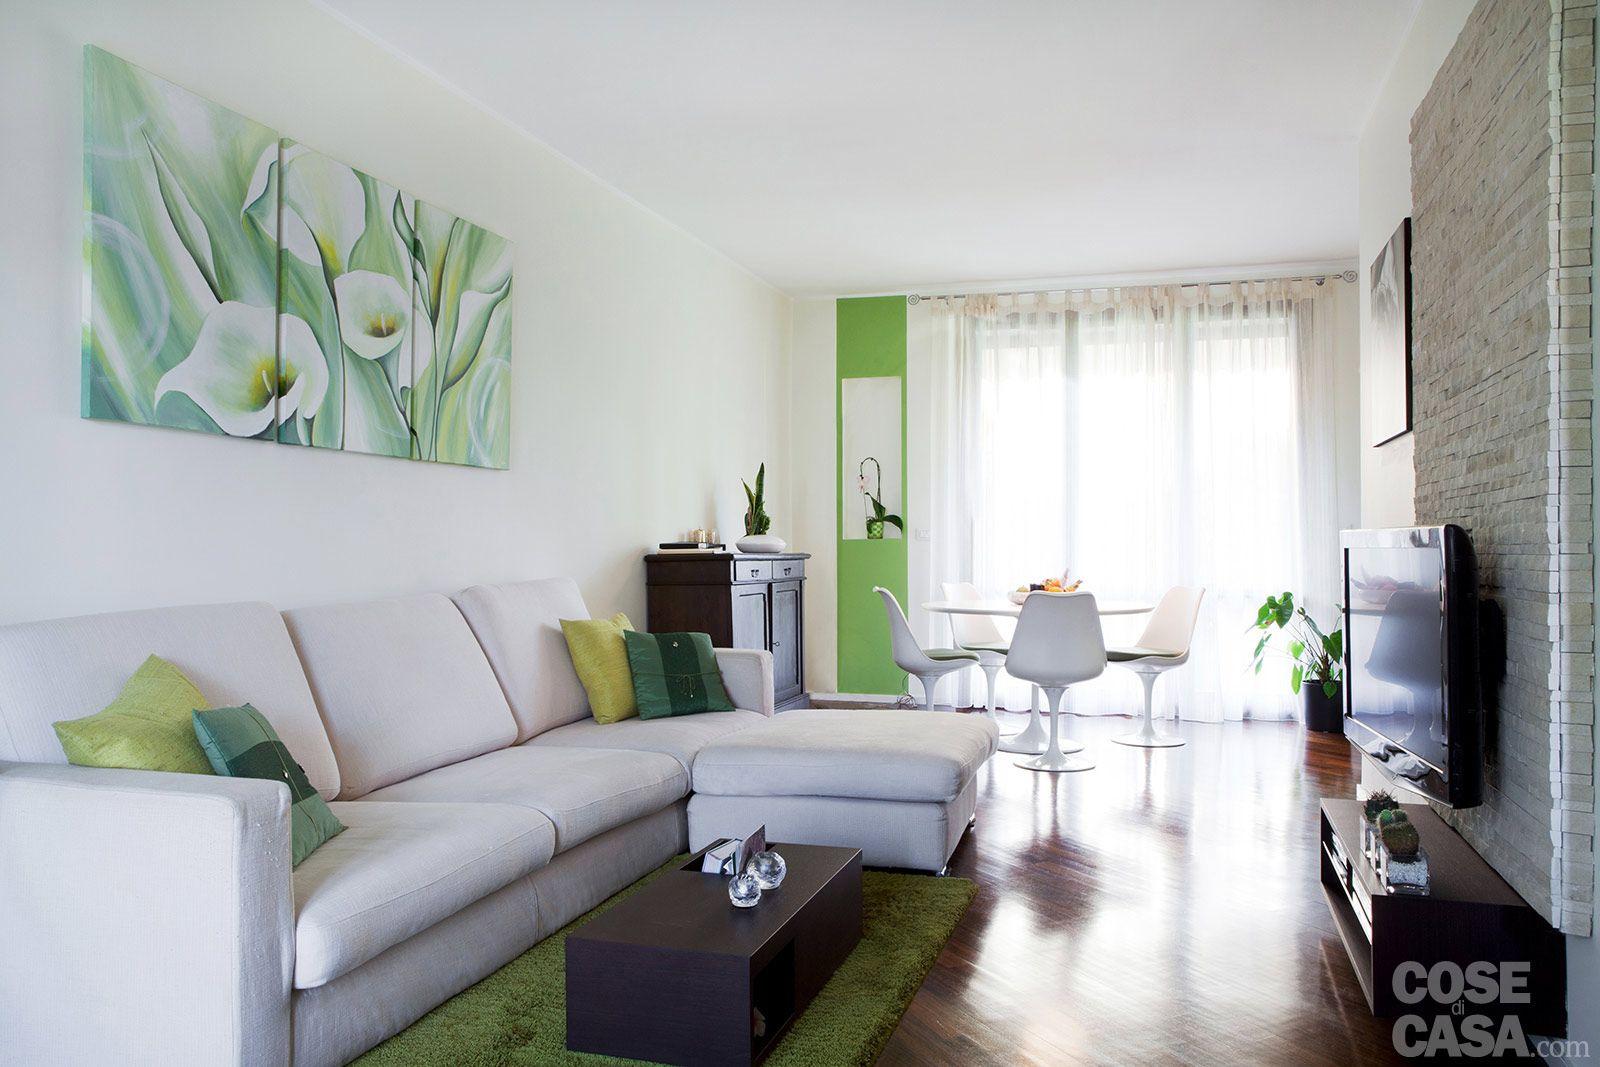 Oltre 25 fantastiche idee su Arredamento soggiorno rettangolare su ...